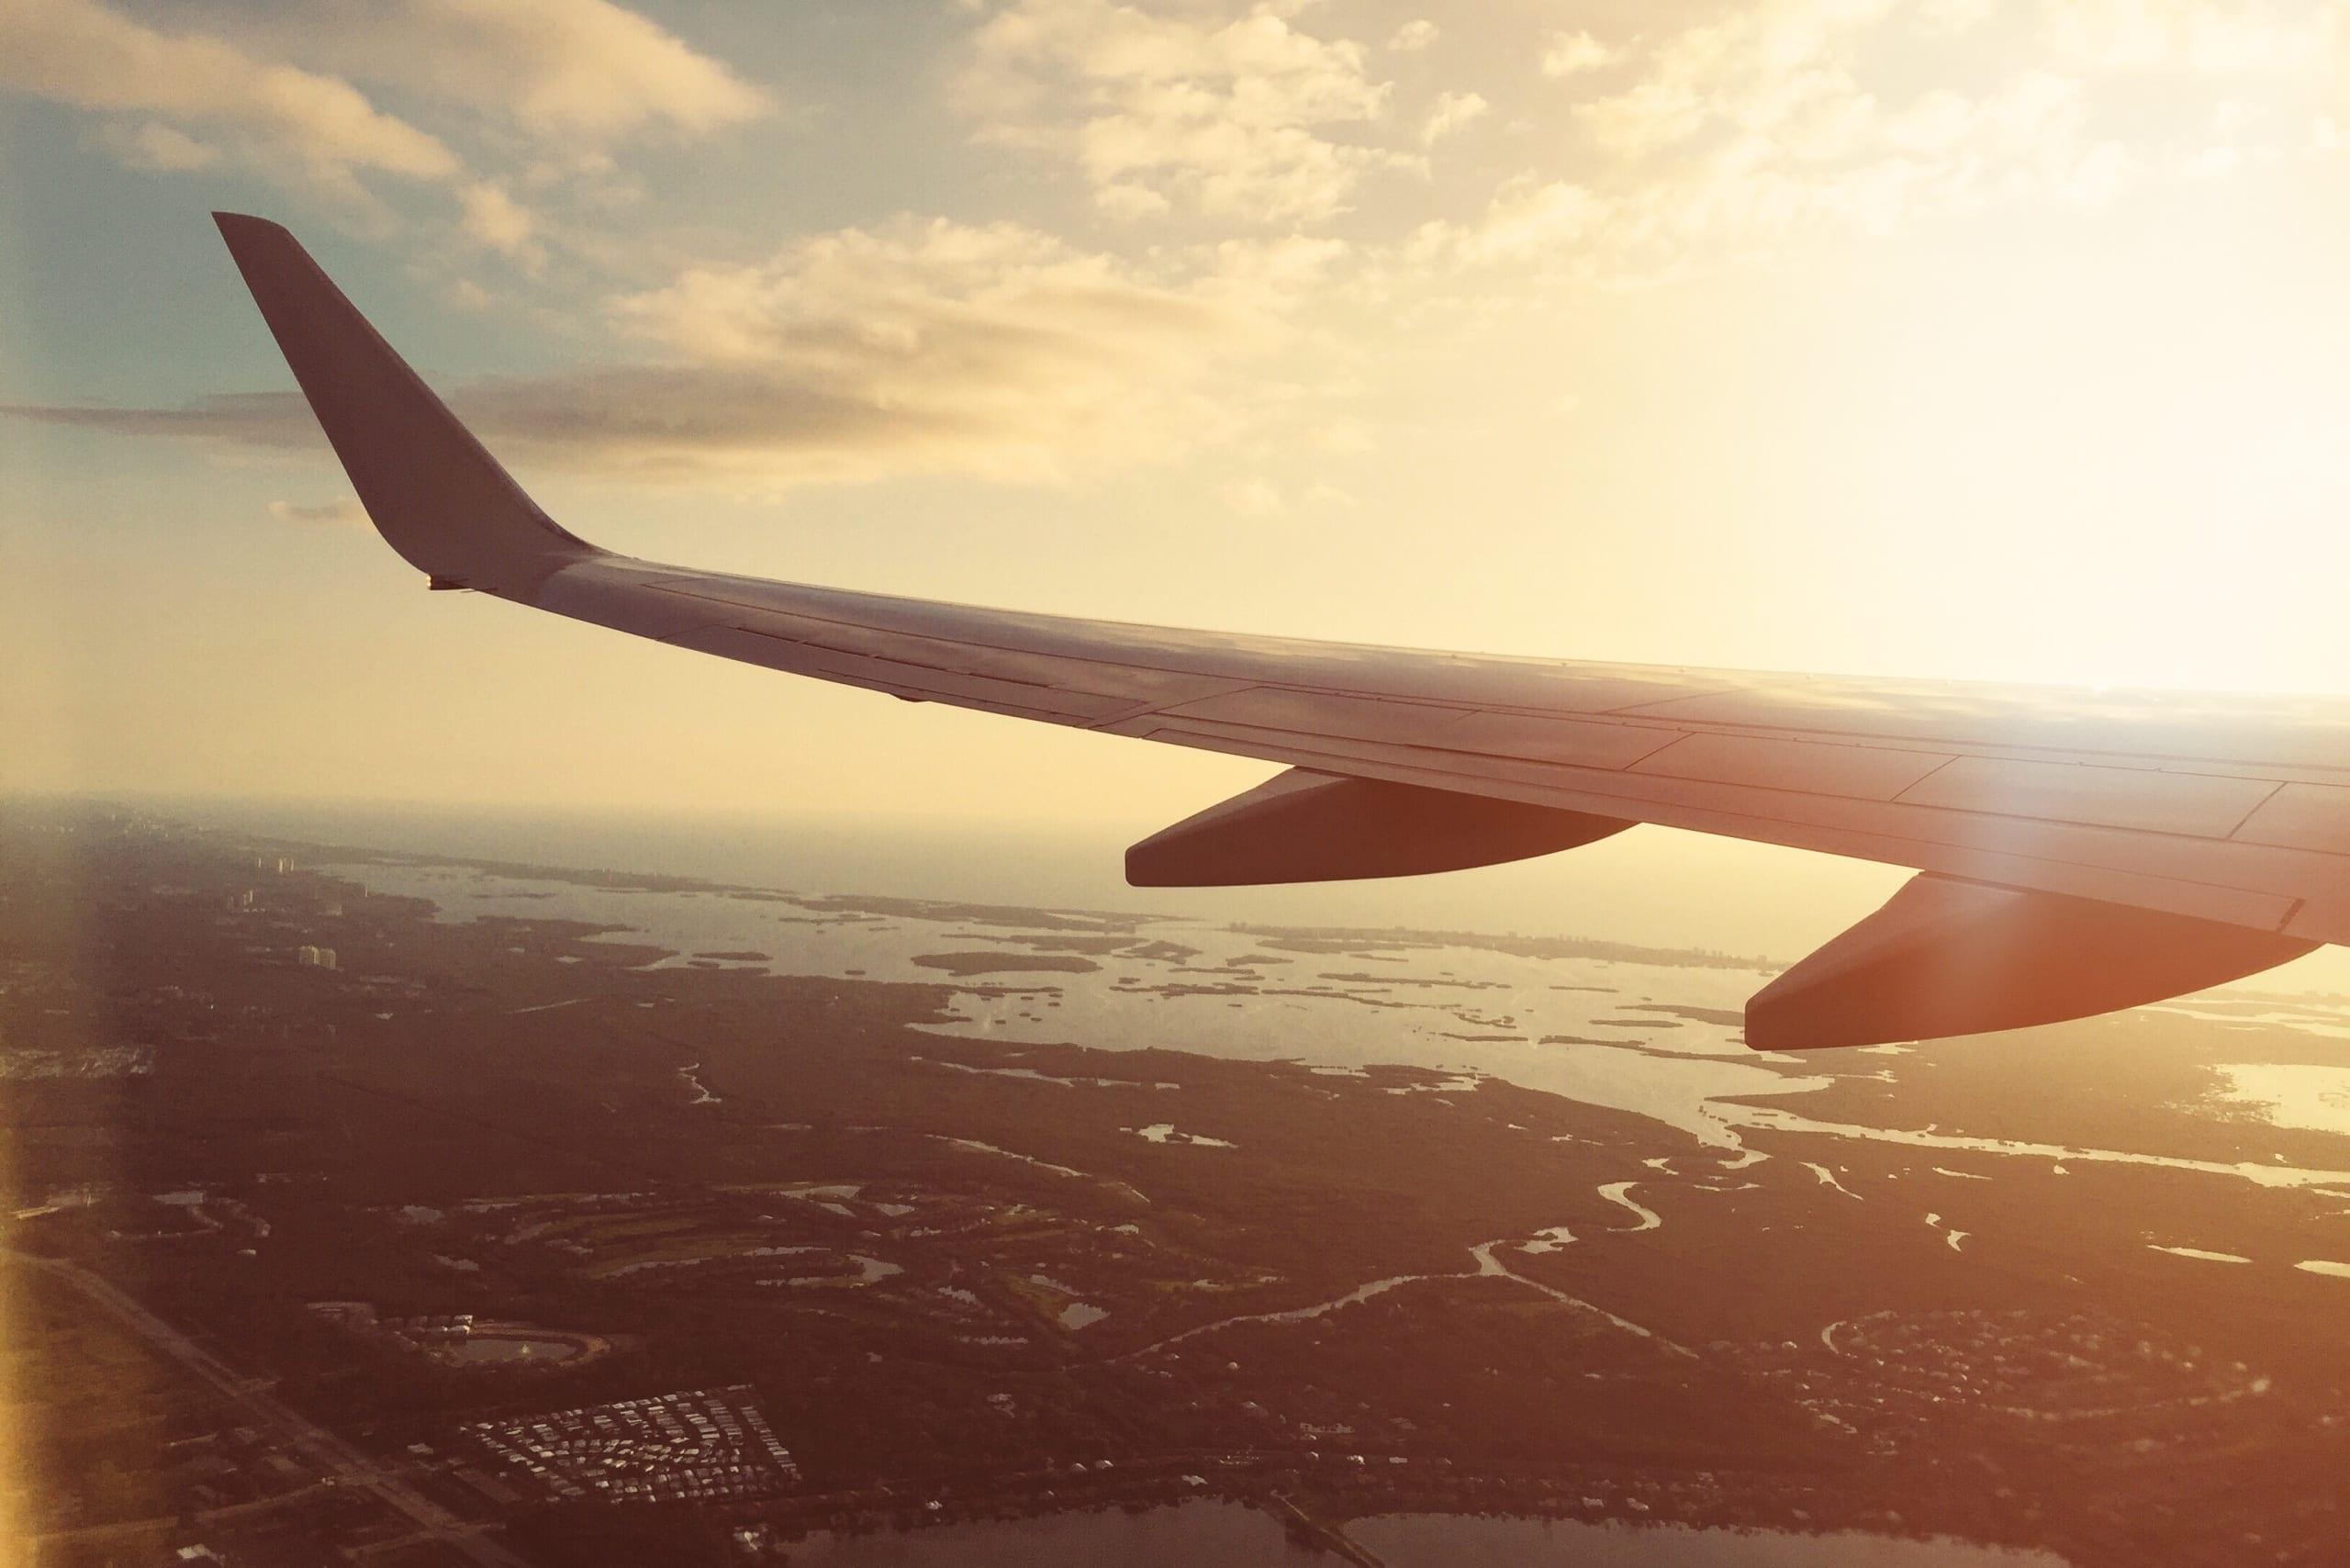 San Francisco için en uygun fiyatlı uçak bileti nasıl alınır?